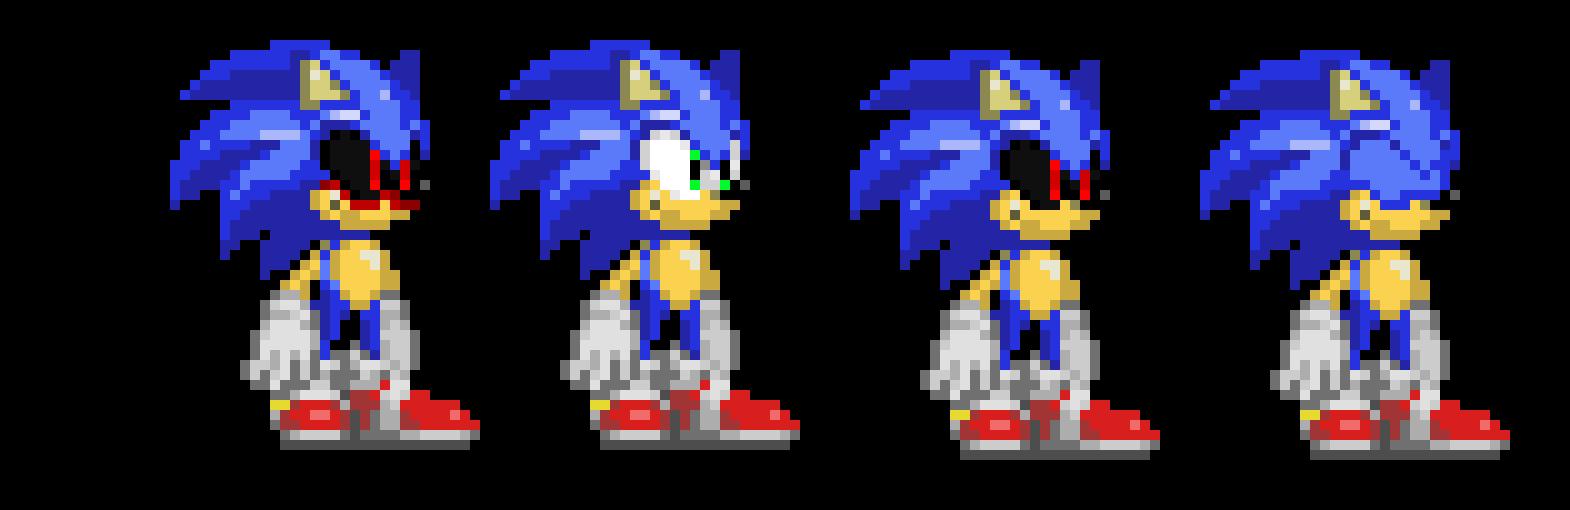 Sonic EXE Sprites   Pixel Art Maker